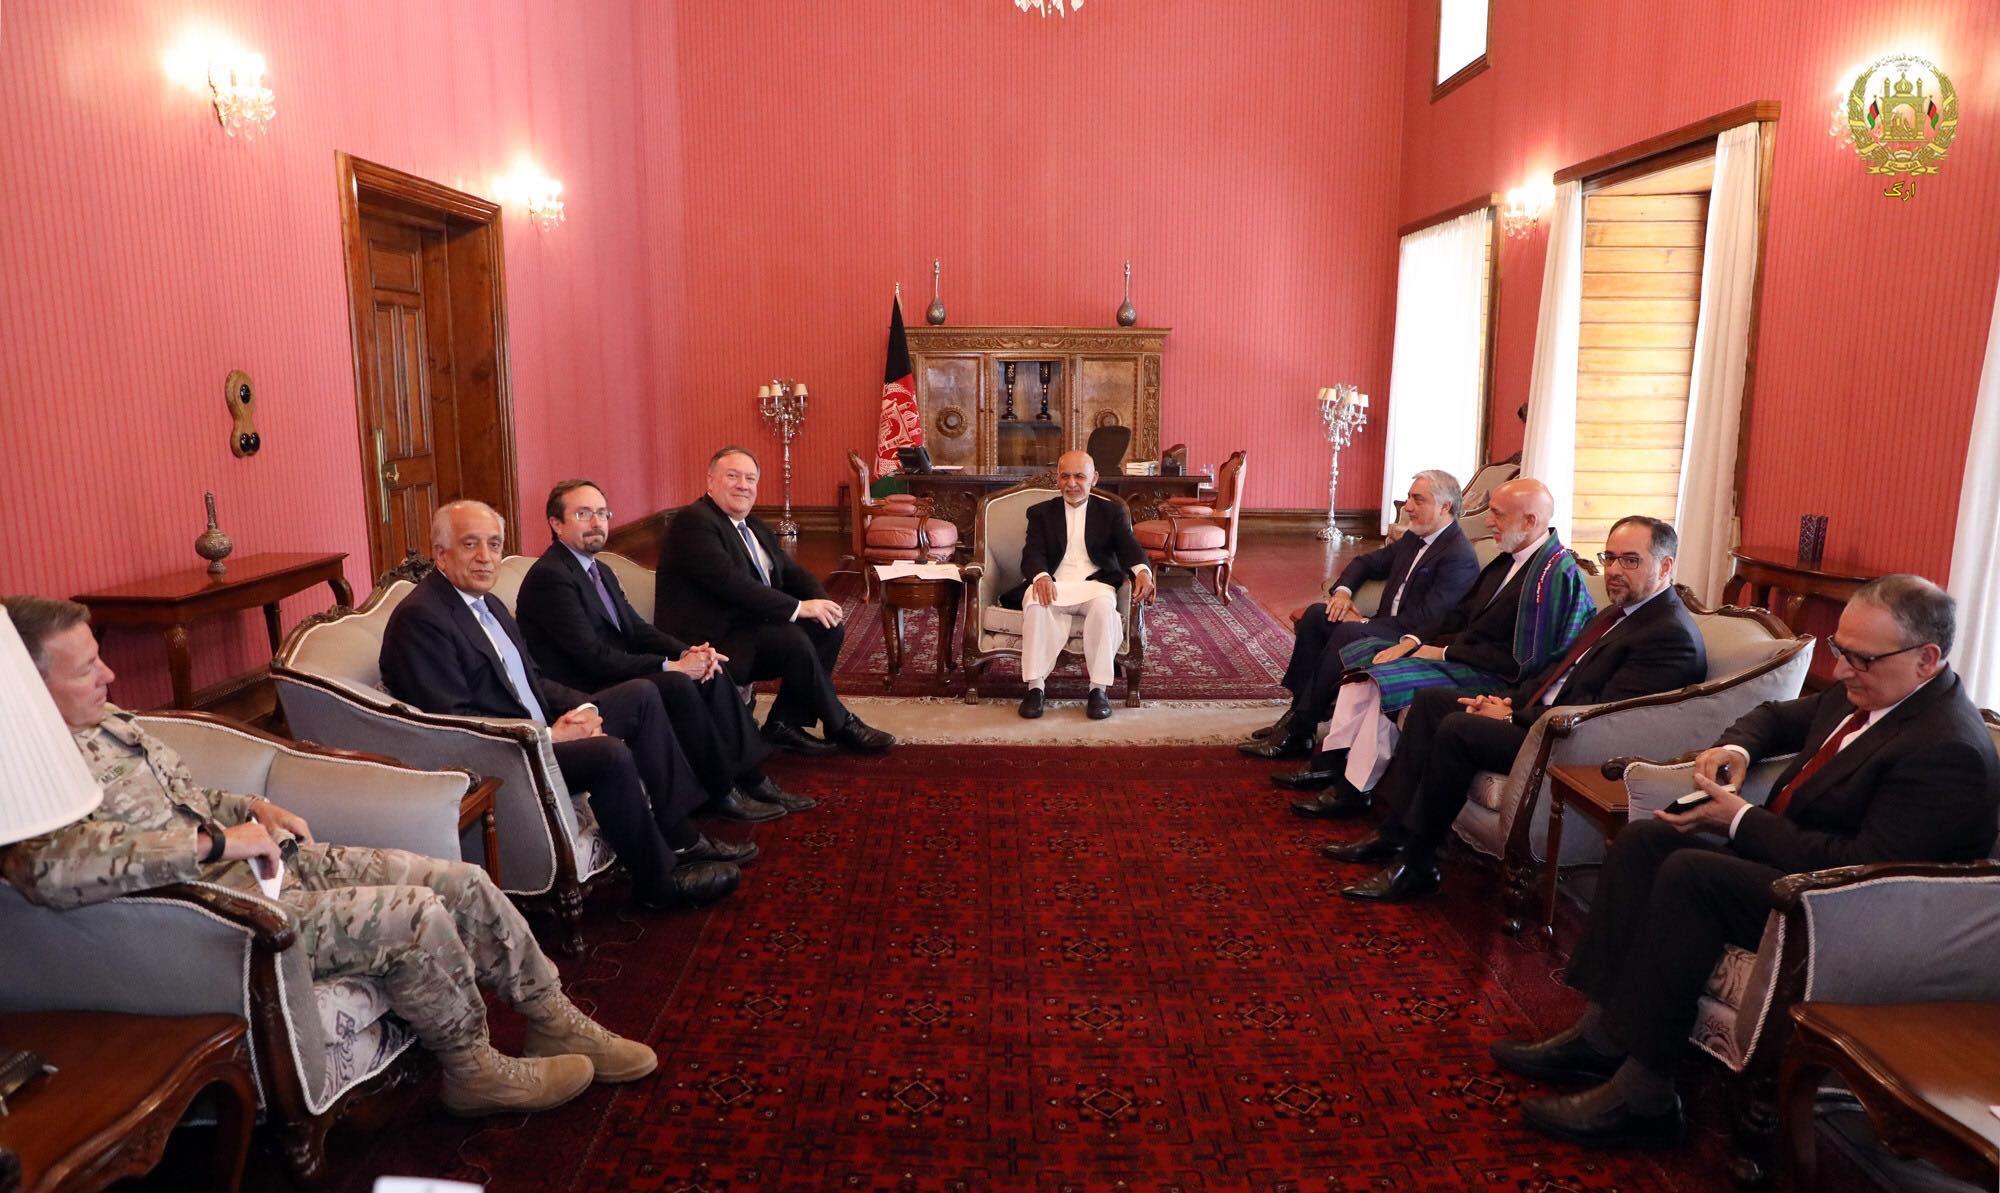 سه شنبه، ٤ سرطان  ديدار رهبران حکومت وحدت ملی با جناب مایک پمپئو، وزیر امورخارجه ایالات متحده امریکا